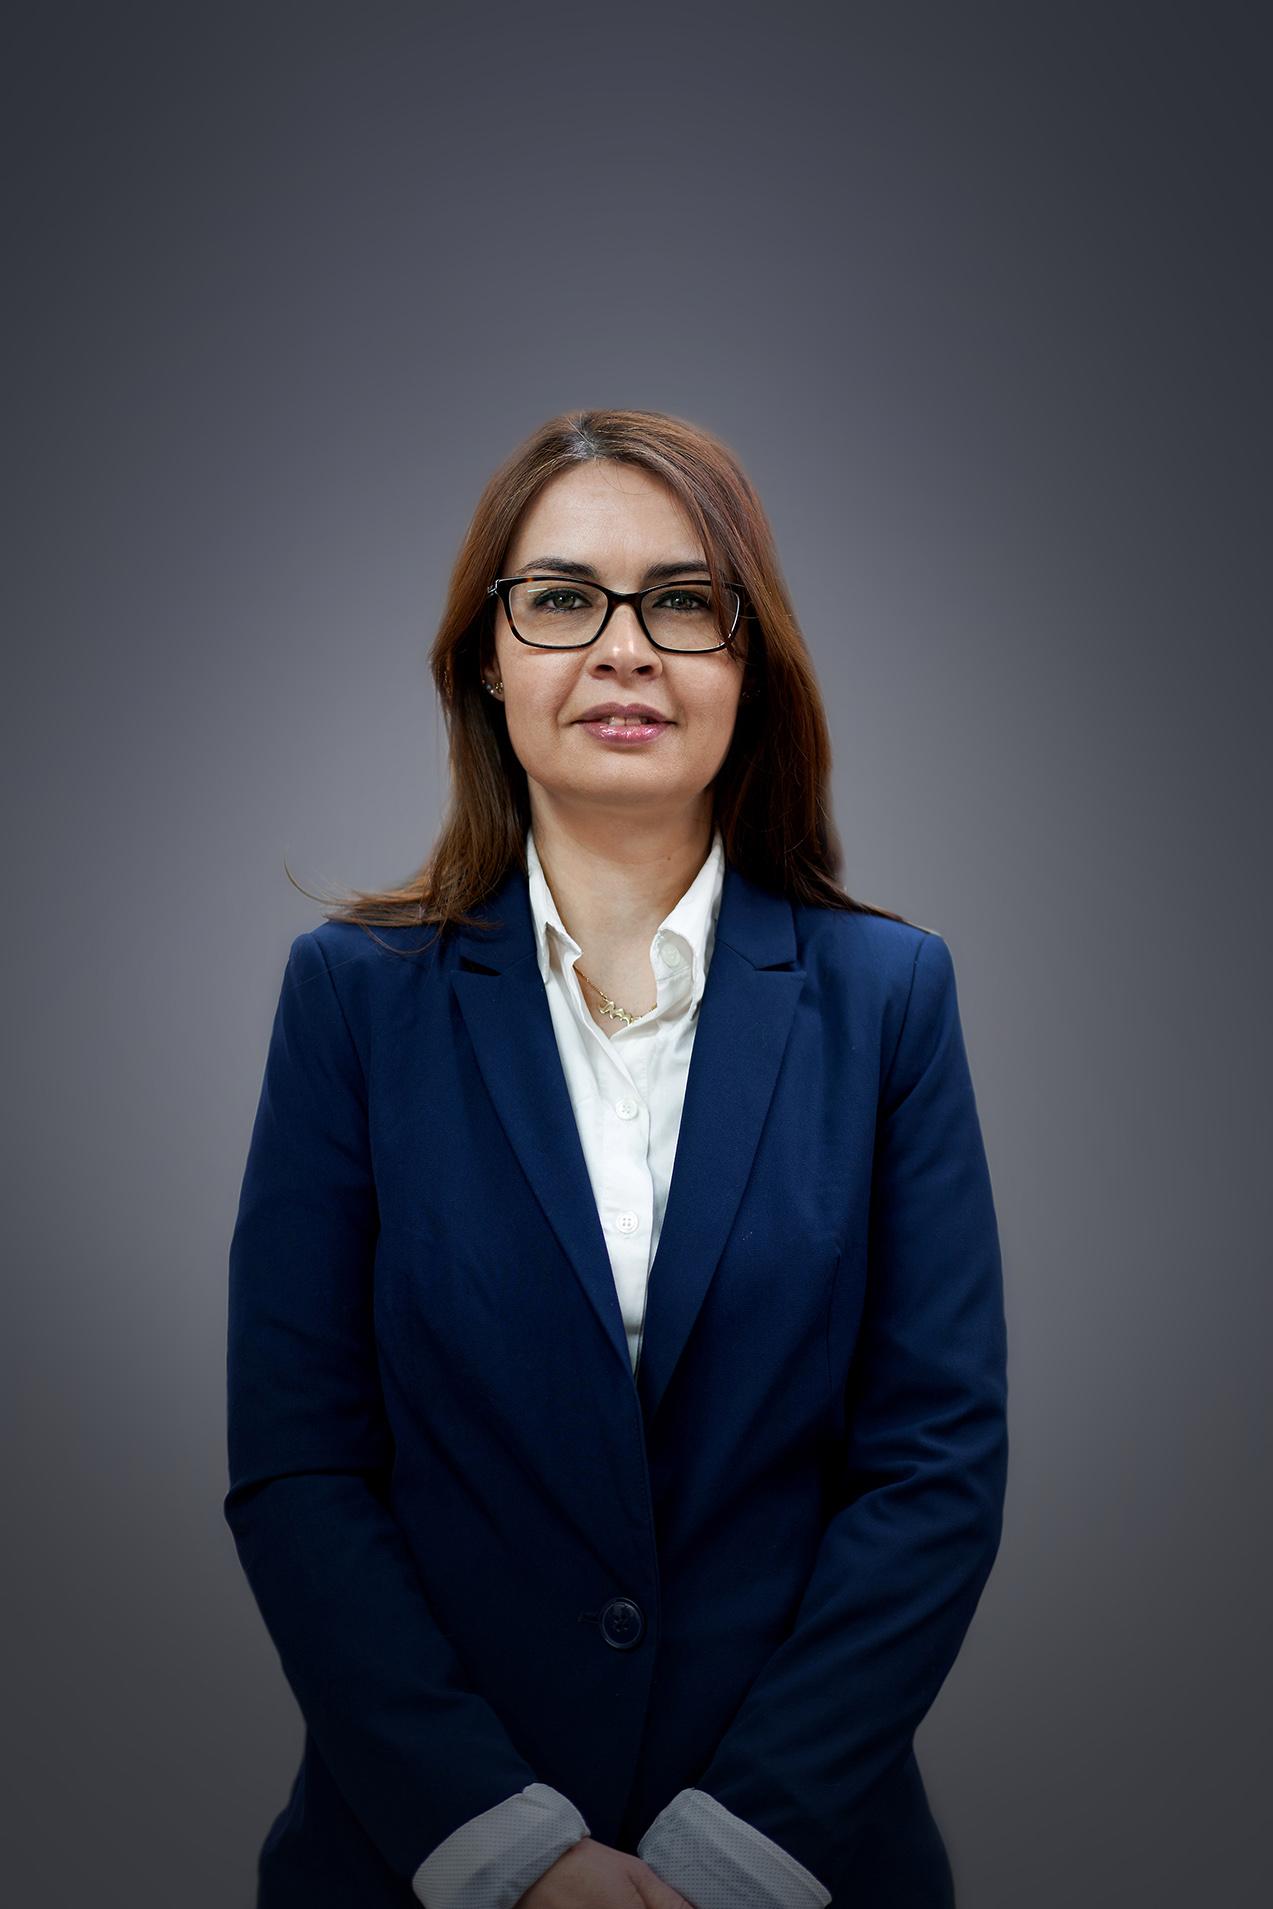 Inma Pérez Sanconstantino